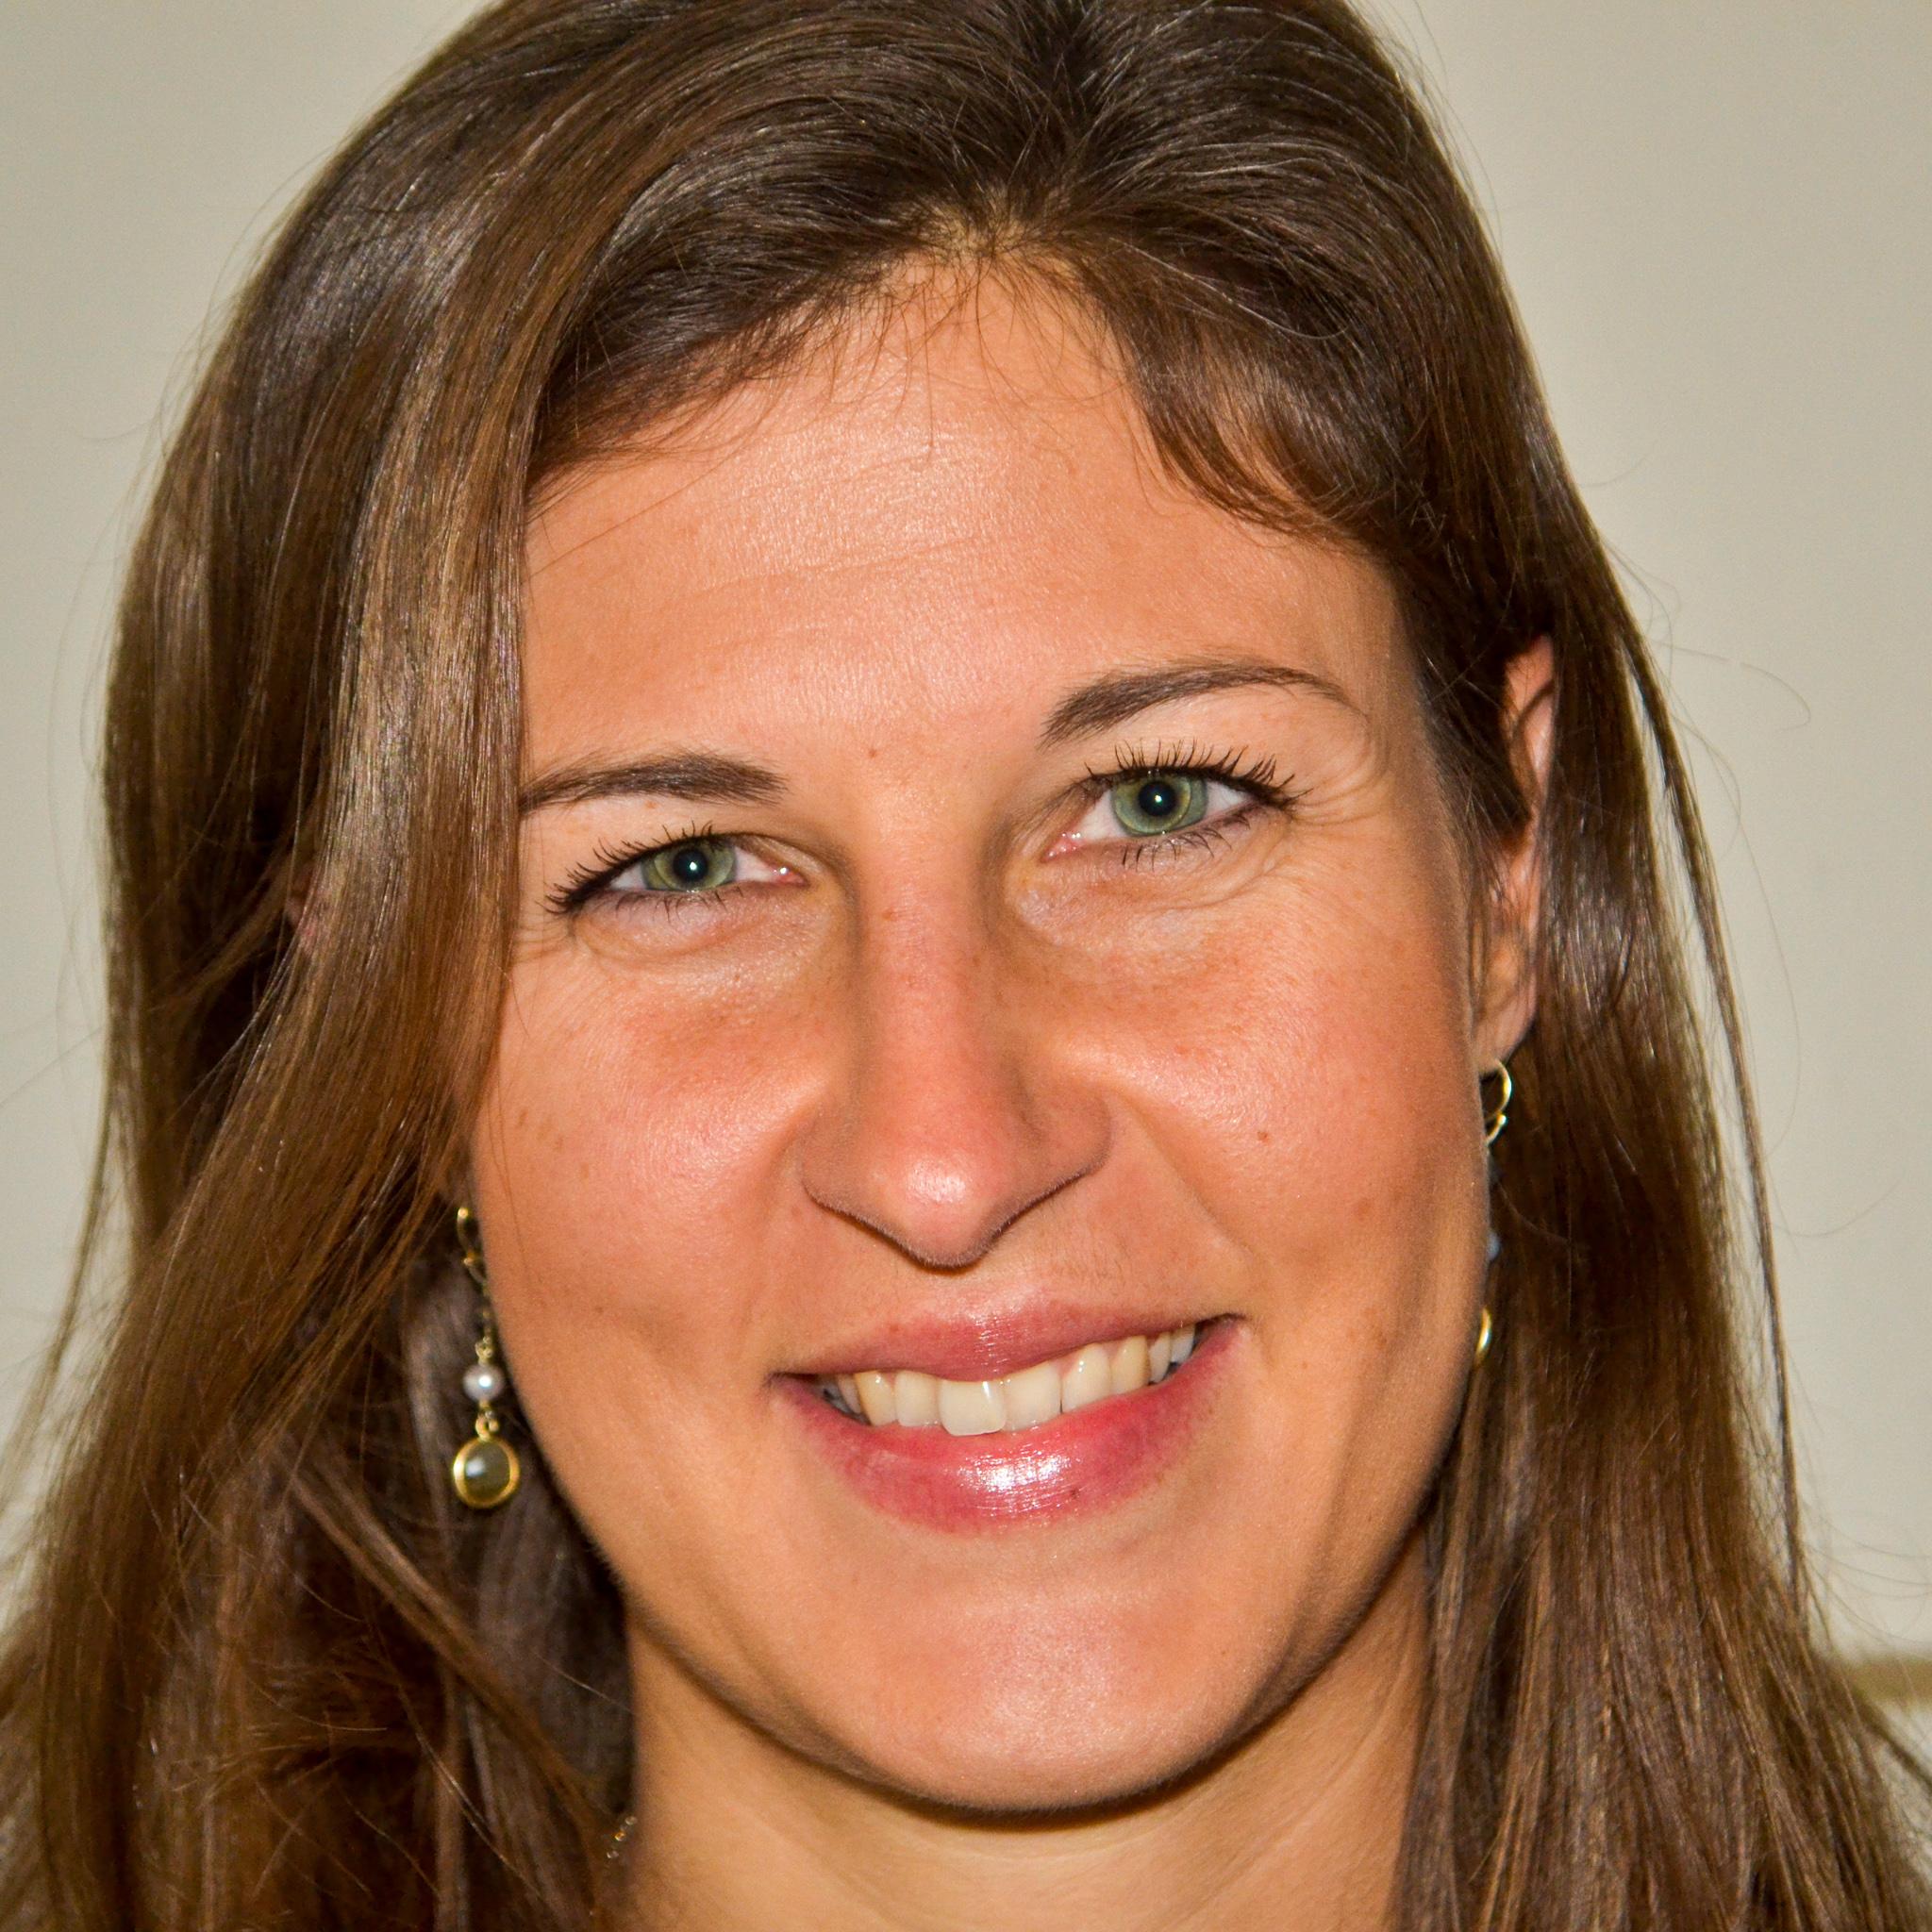 Anja Kumpf